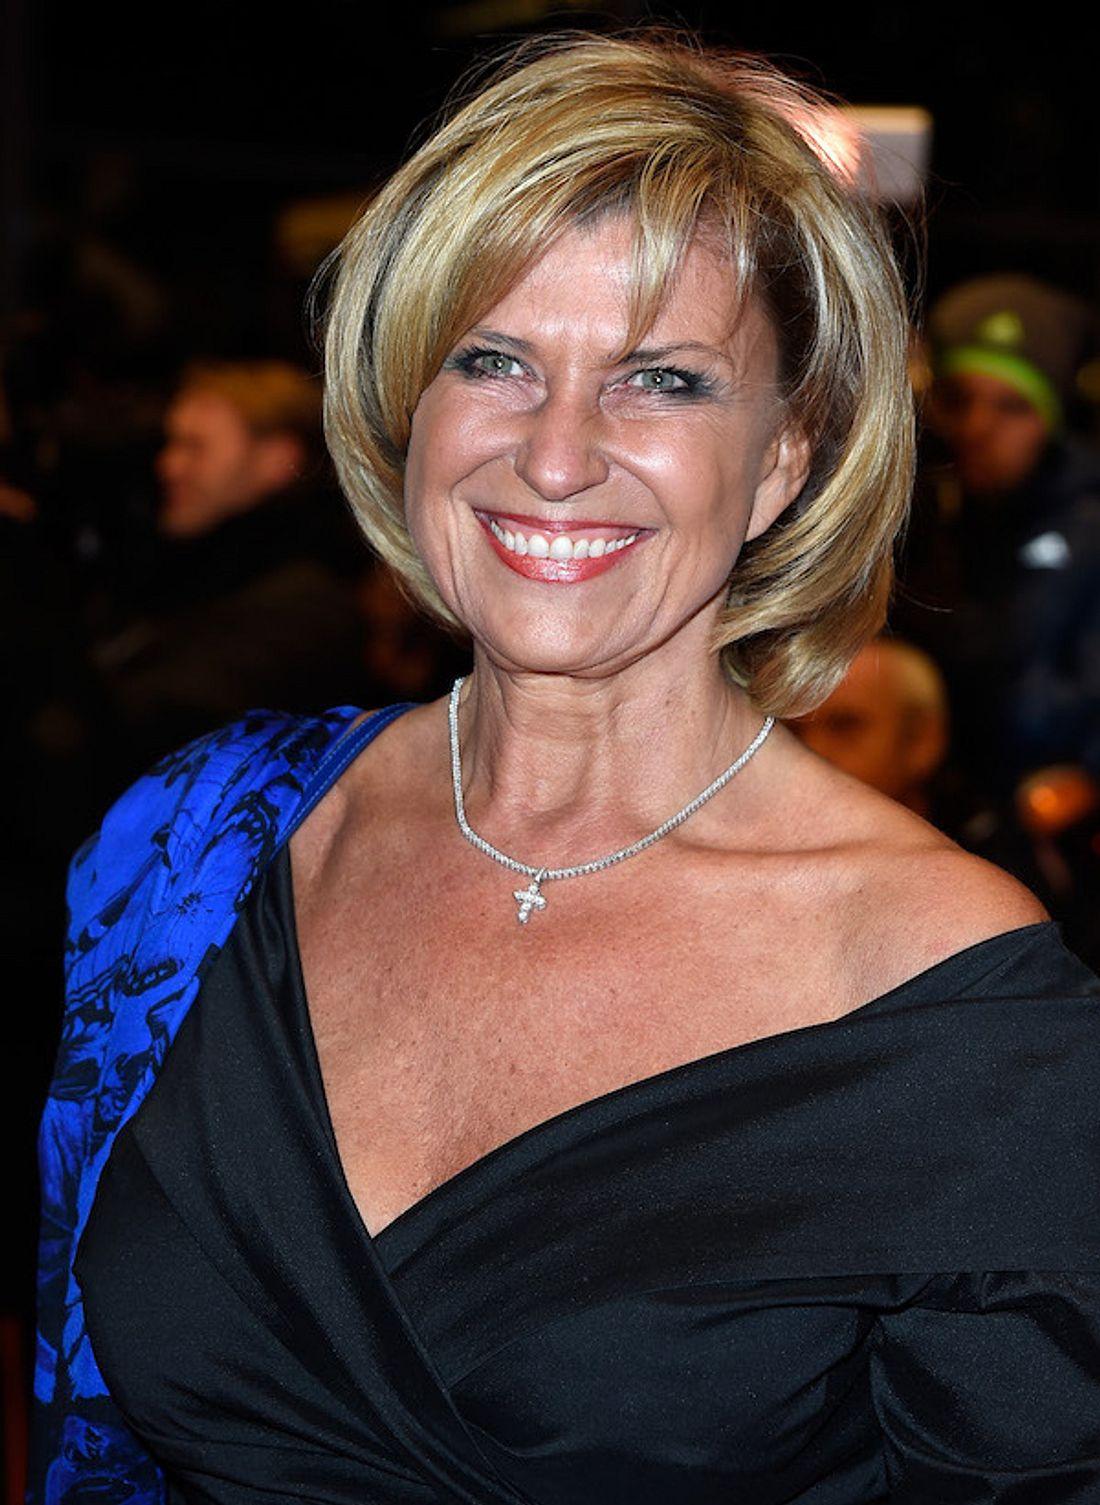 Höhle der Löwen: Politikerin Dagmar Wöhrl ist die Neue!